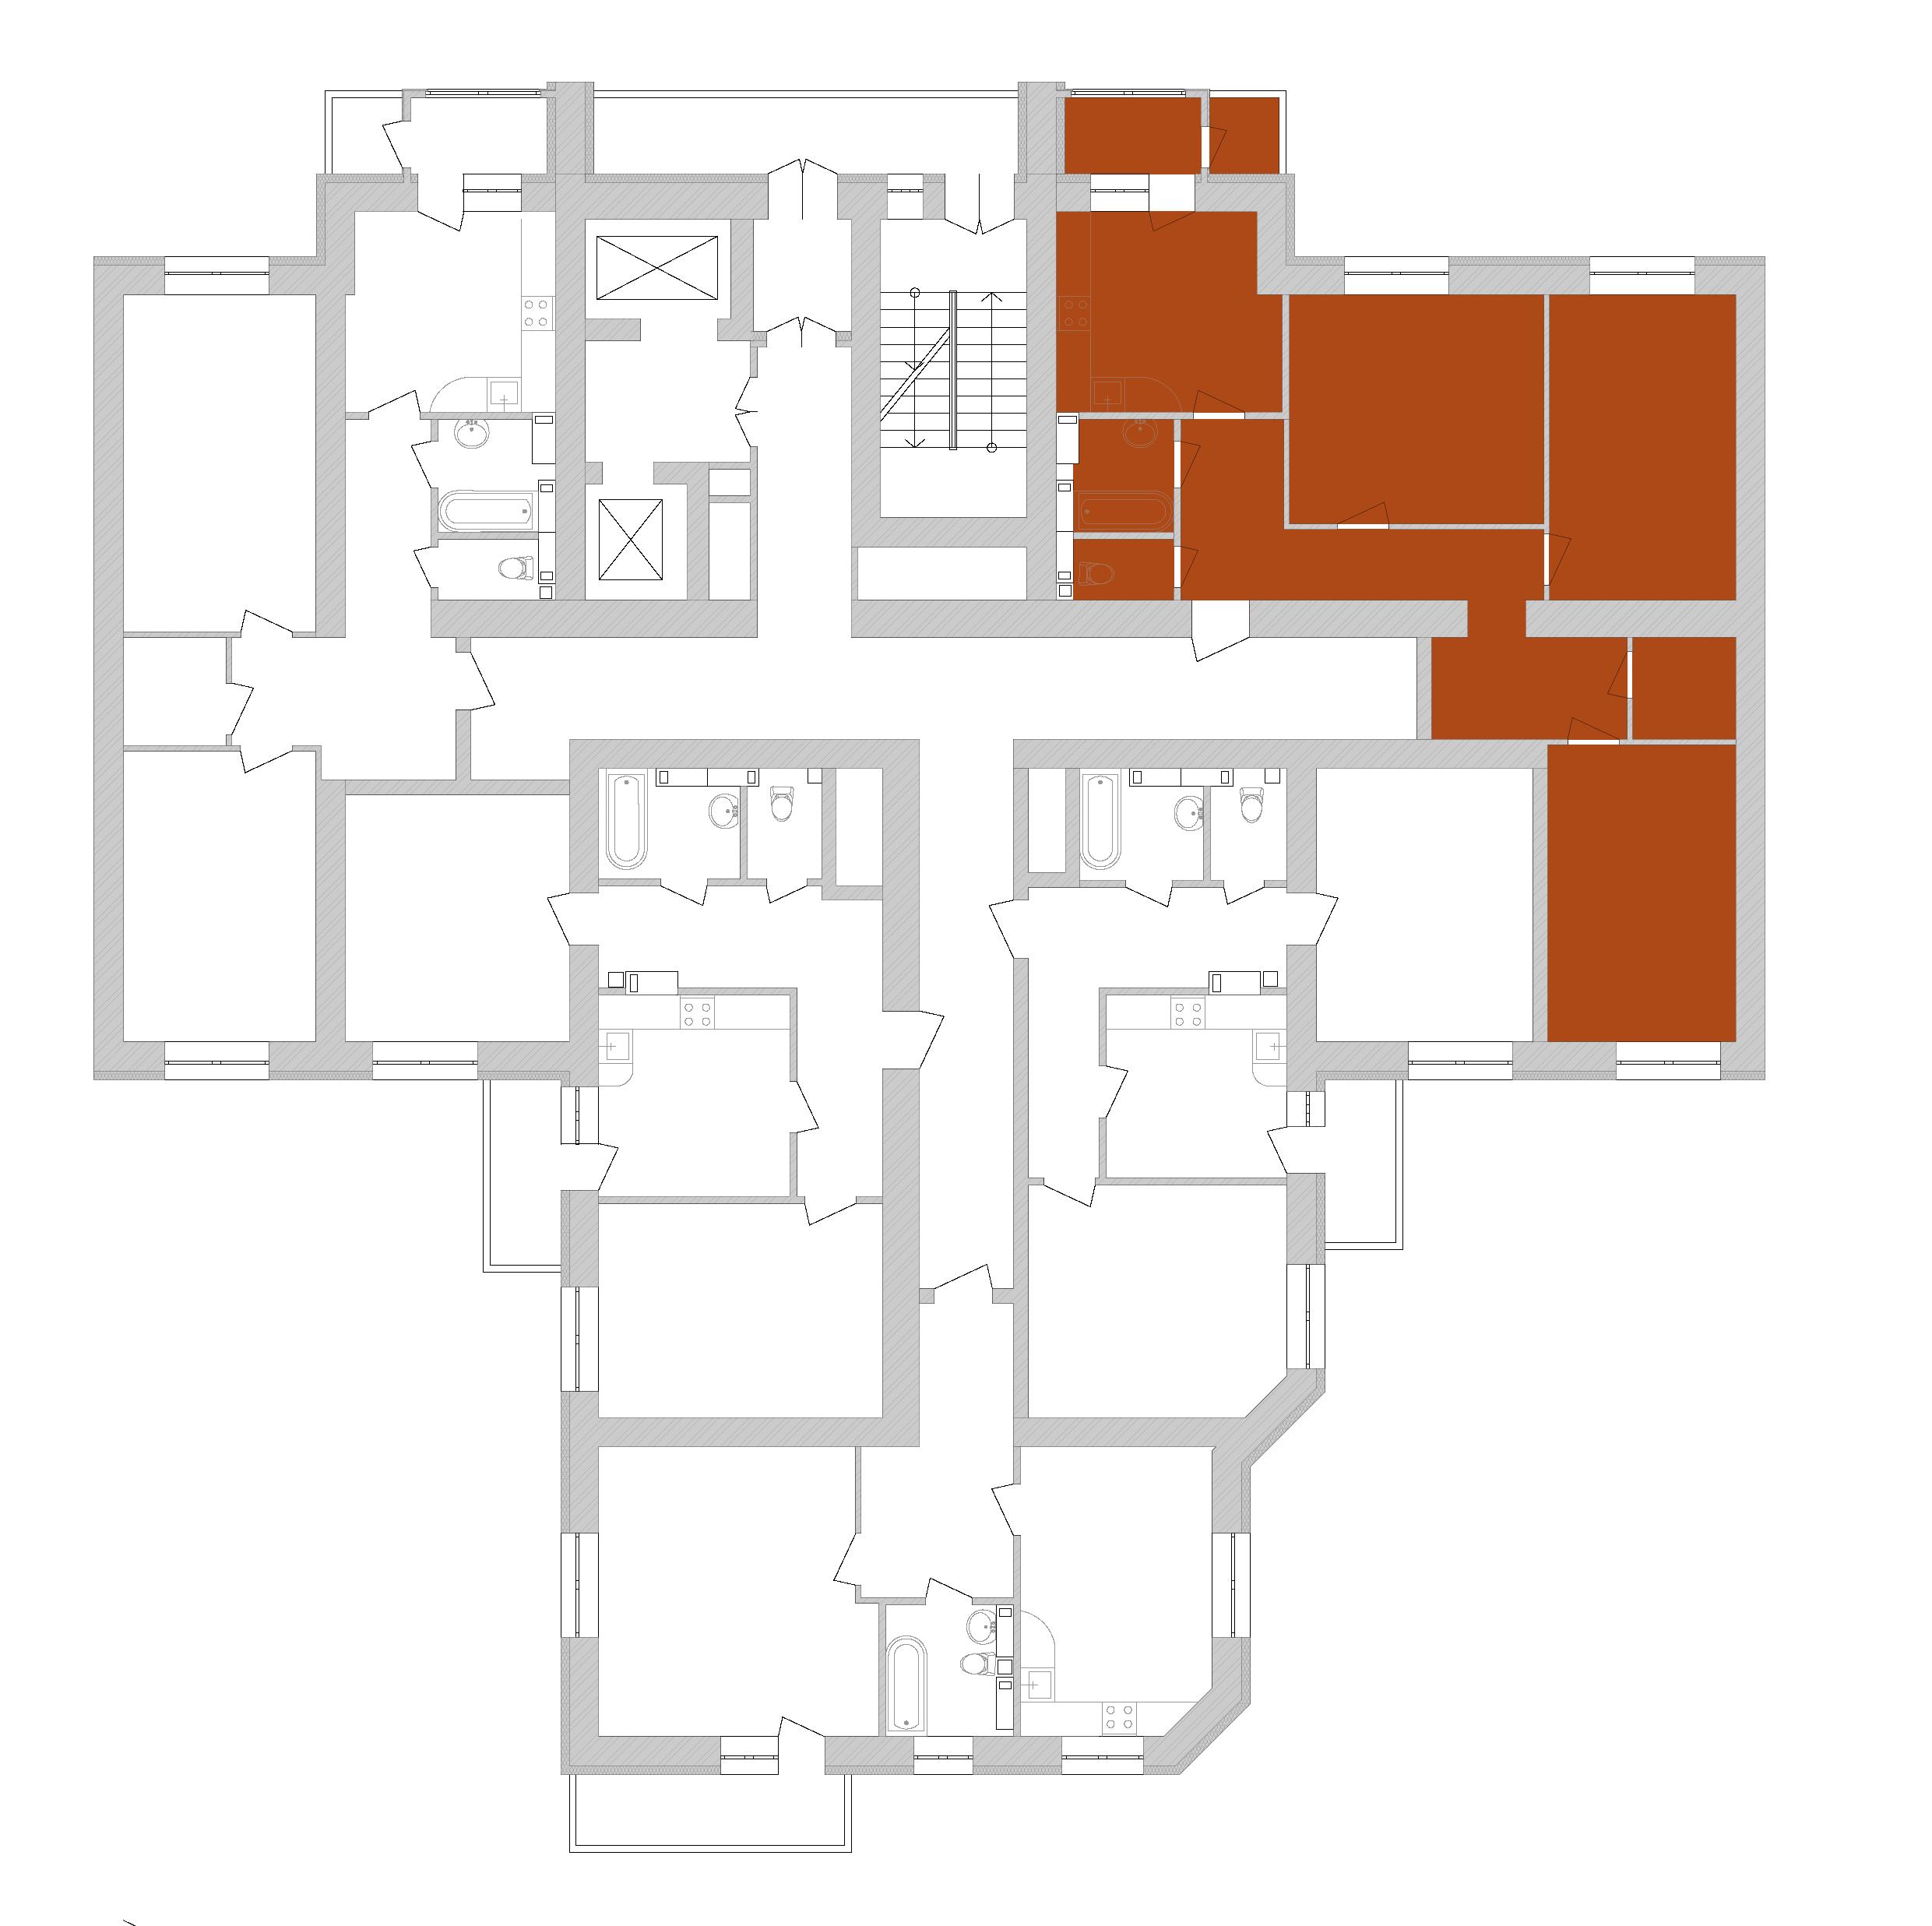 Трикімнатна квартира 92,78 кв.м., тип 3.2, будинок 1, секція 7 розташування на поверсі